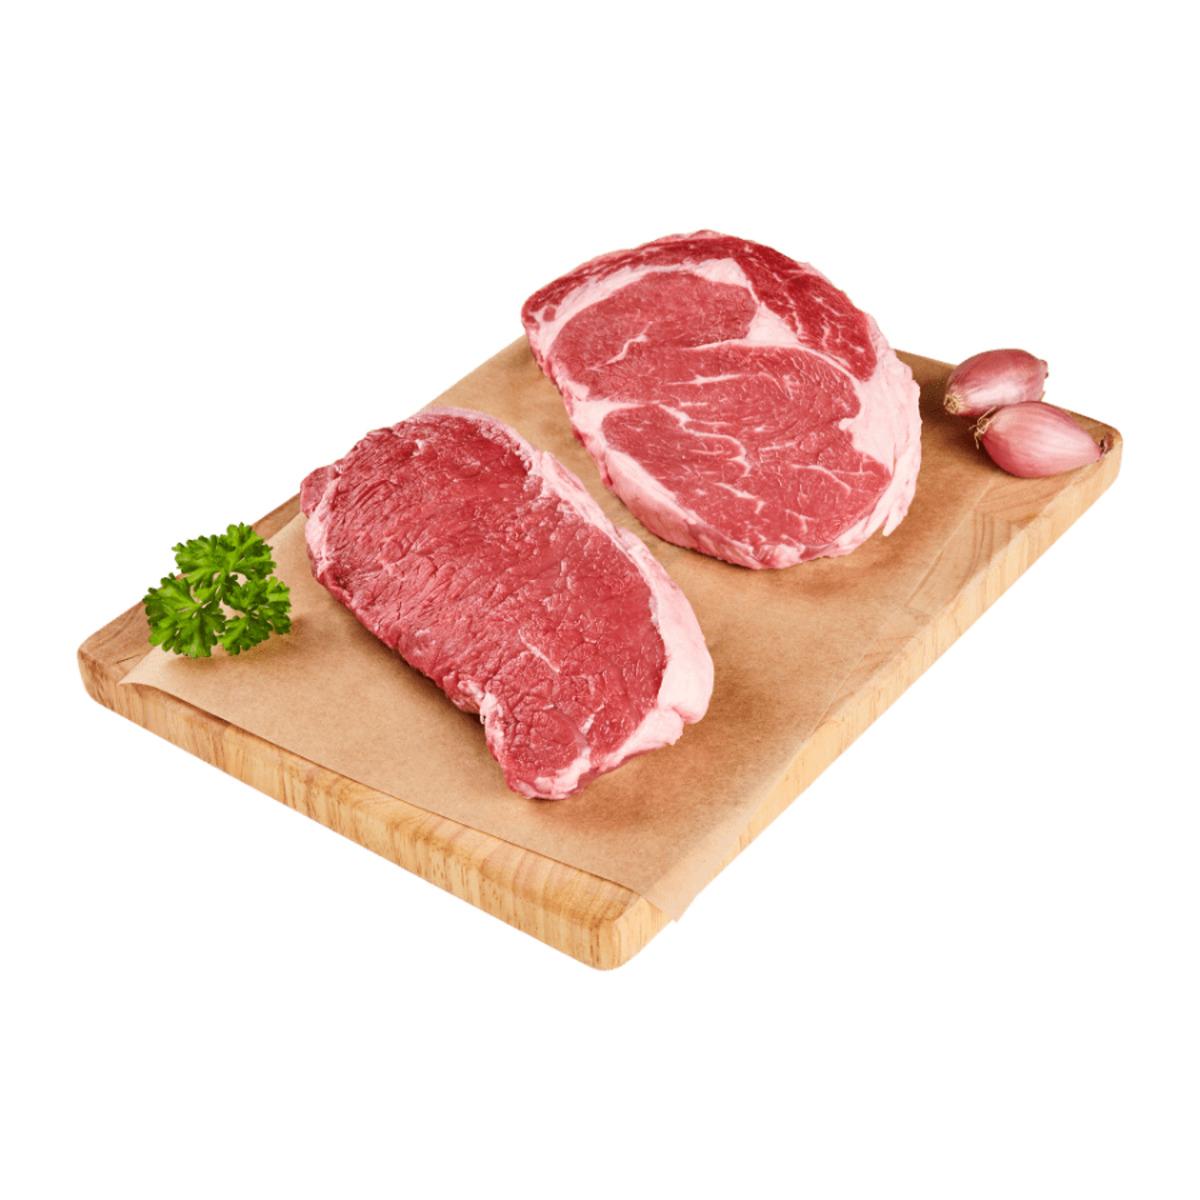 Bild 4 von TRADER JOE'S     Rumpsteak / Rib-Eye-Steak